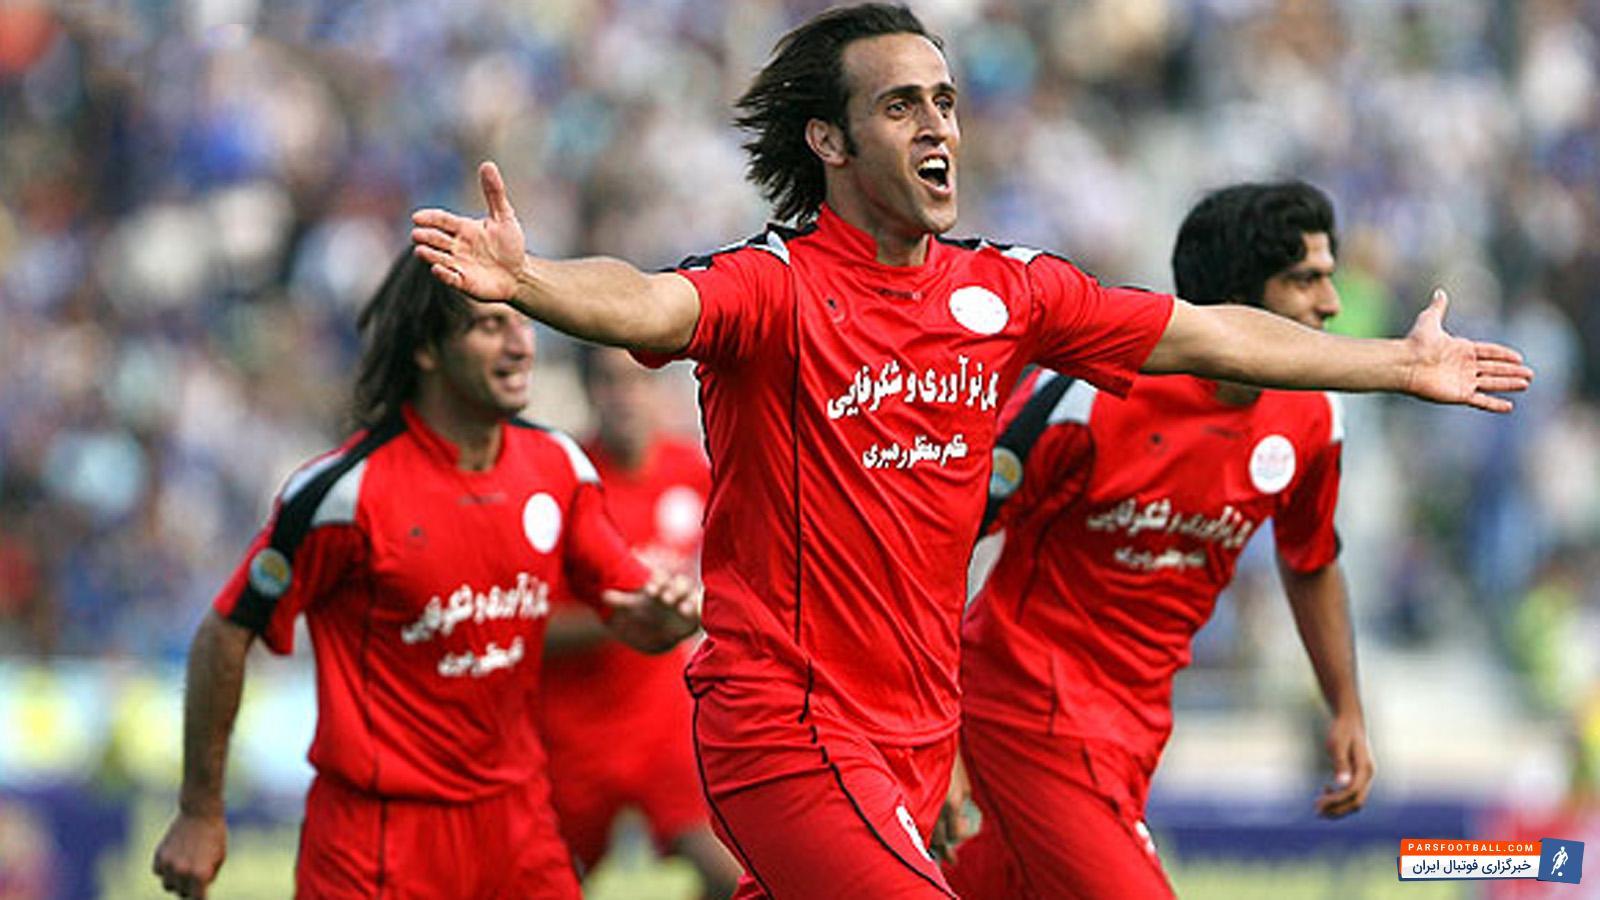 علی کریمی در بابل: دیگه مغزم کار نمیکند چرا این طوری بازی می کنند ؛ پارس فوتبال